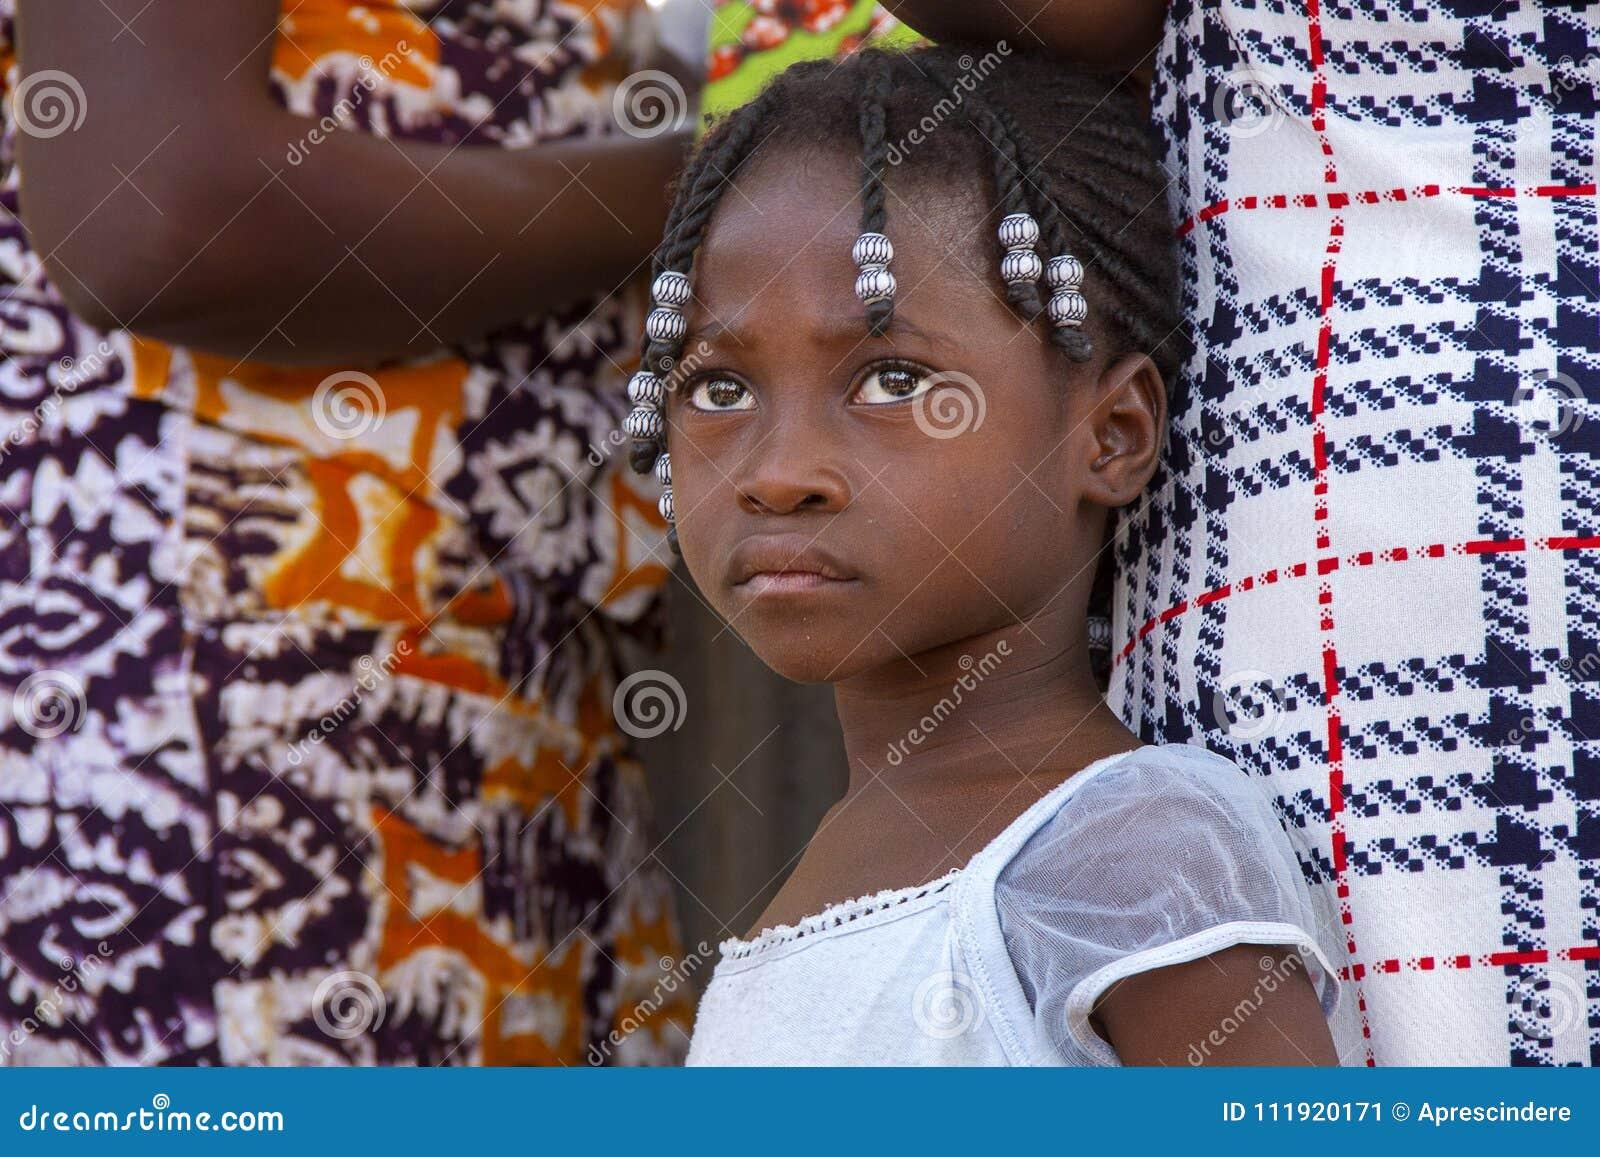 African girl in Ghana